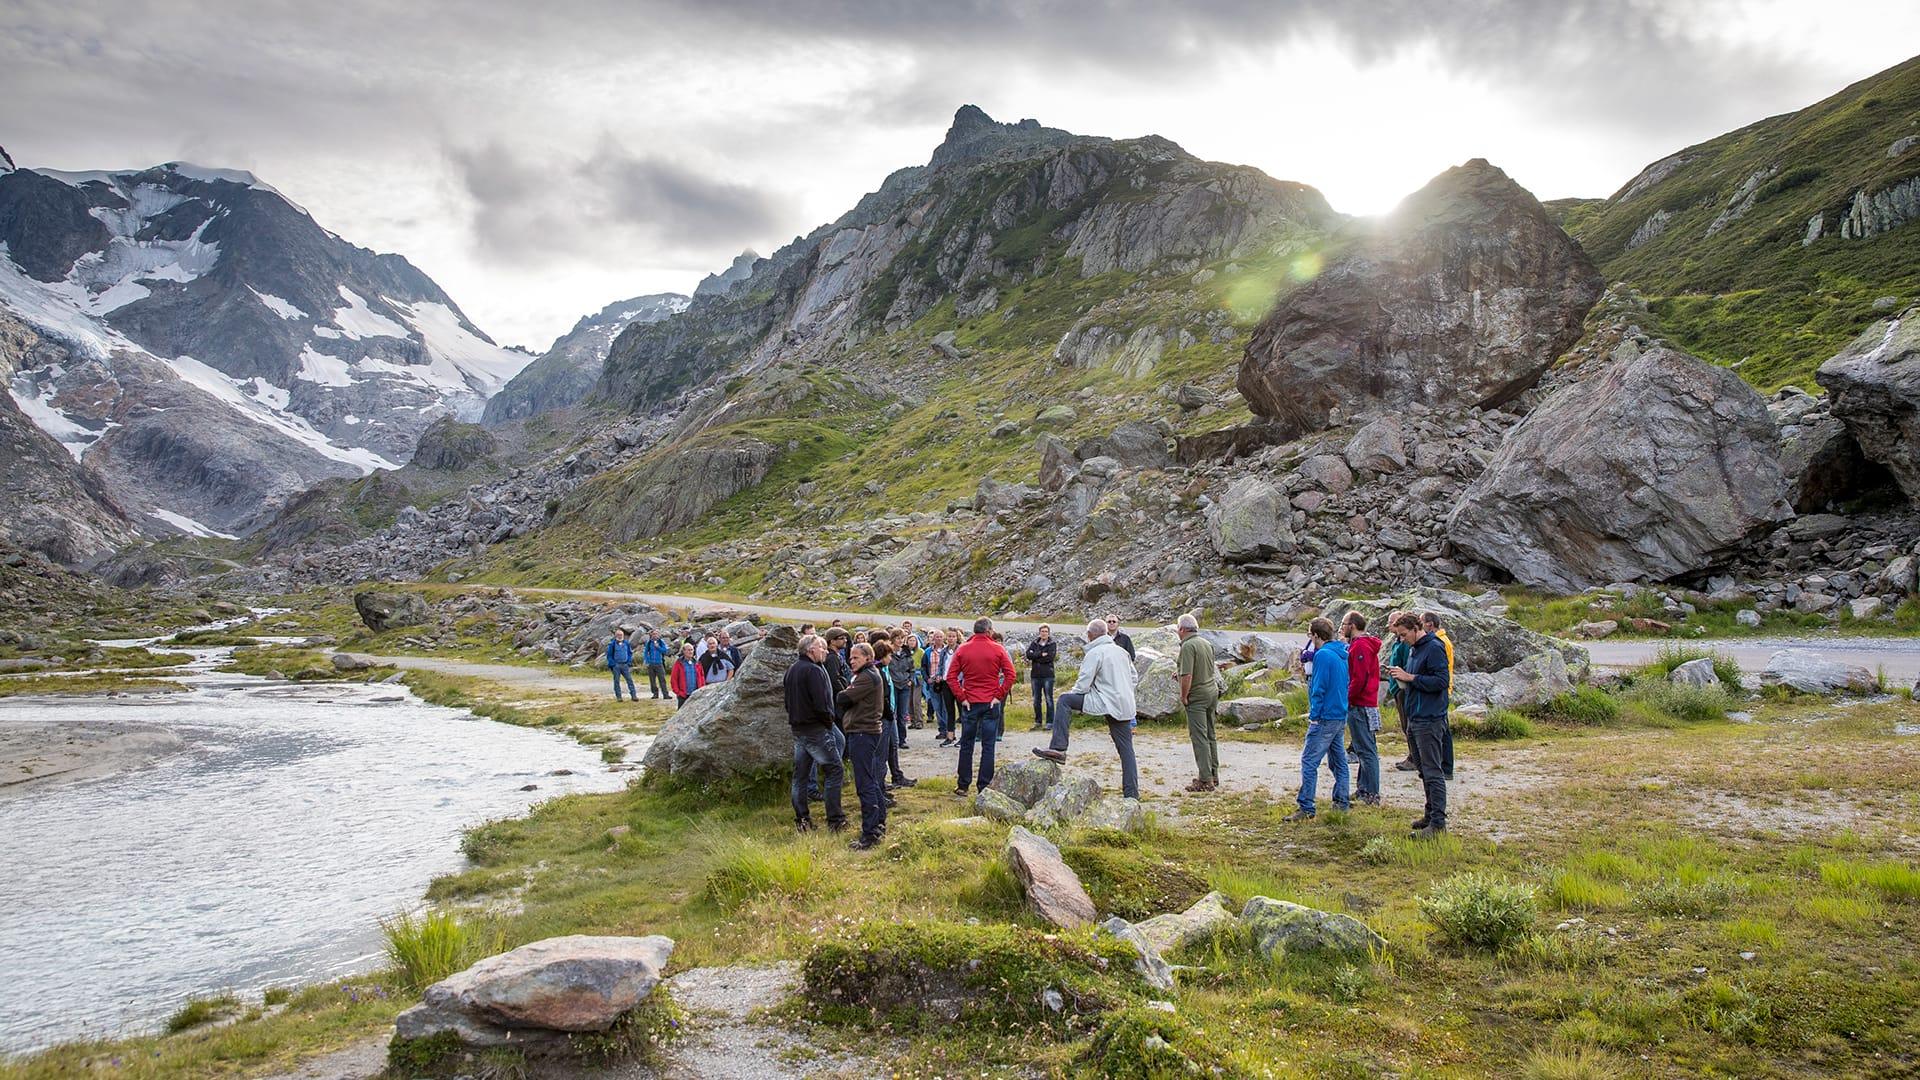 Lernen Sie die hochalpine Bergwelt kennen: Auf dem Gletscherpfad Steingletscher.